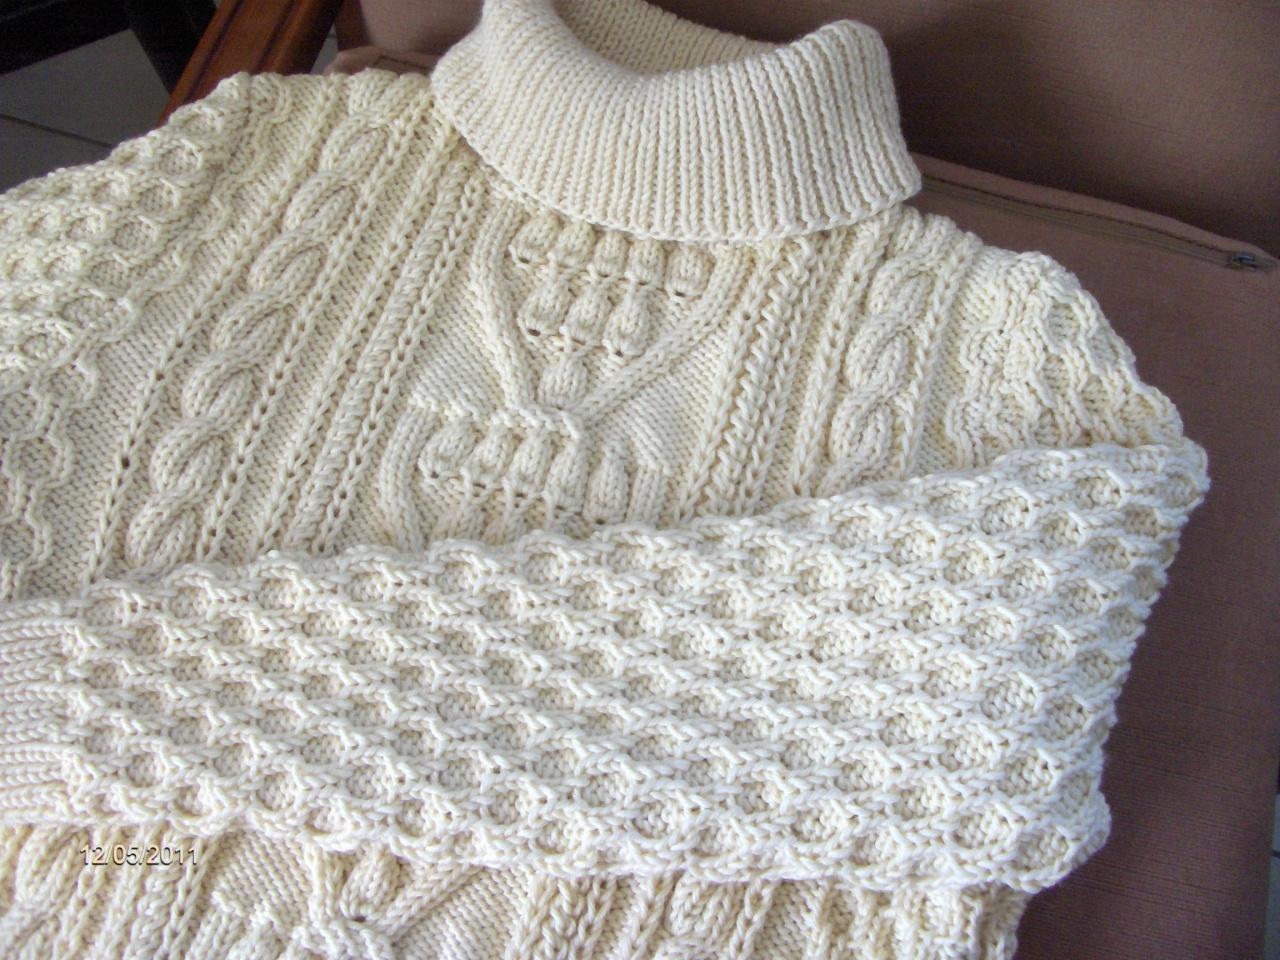 laine a tricoter pour pull irlandais 88359db0277